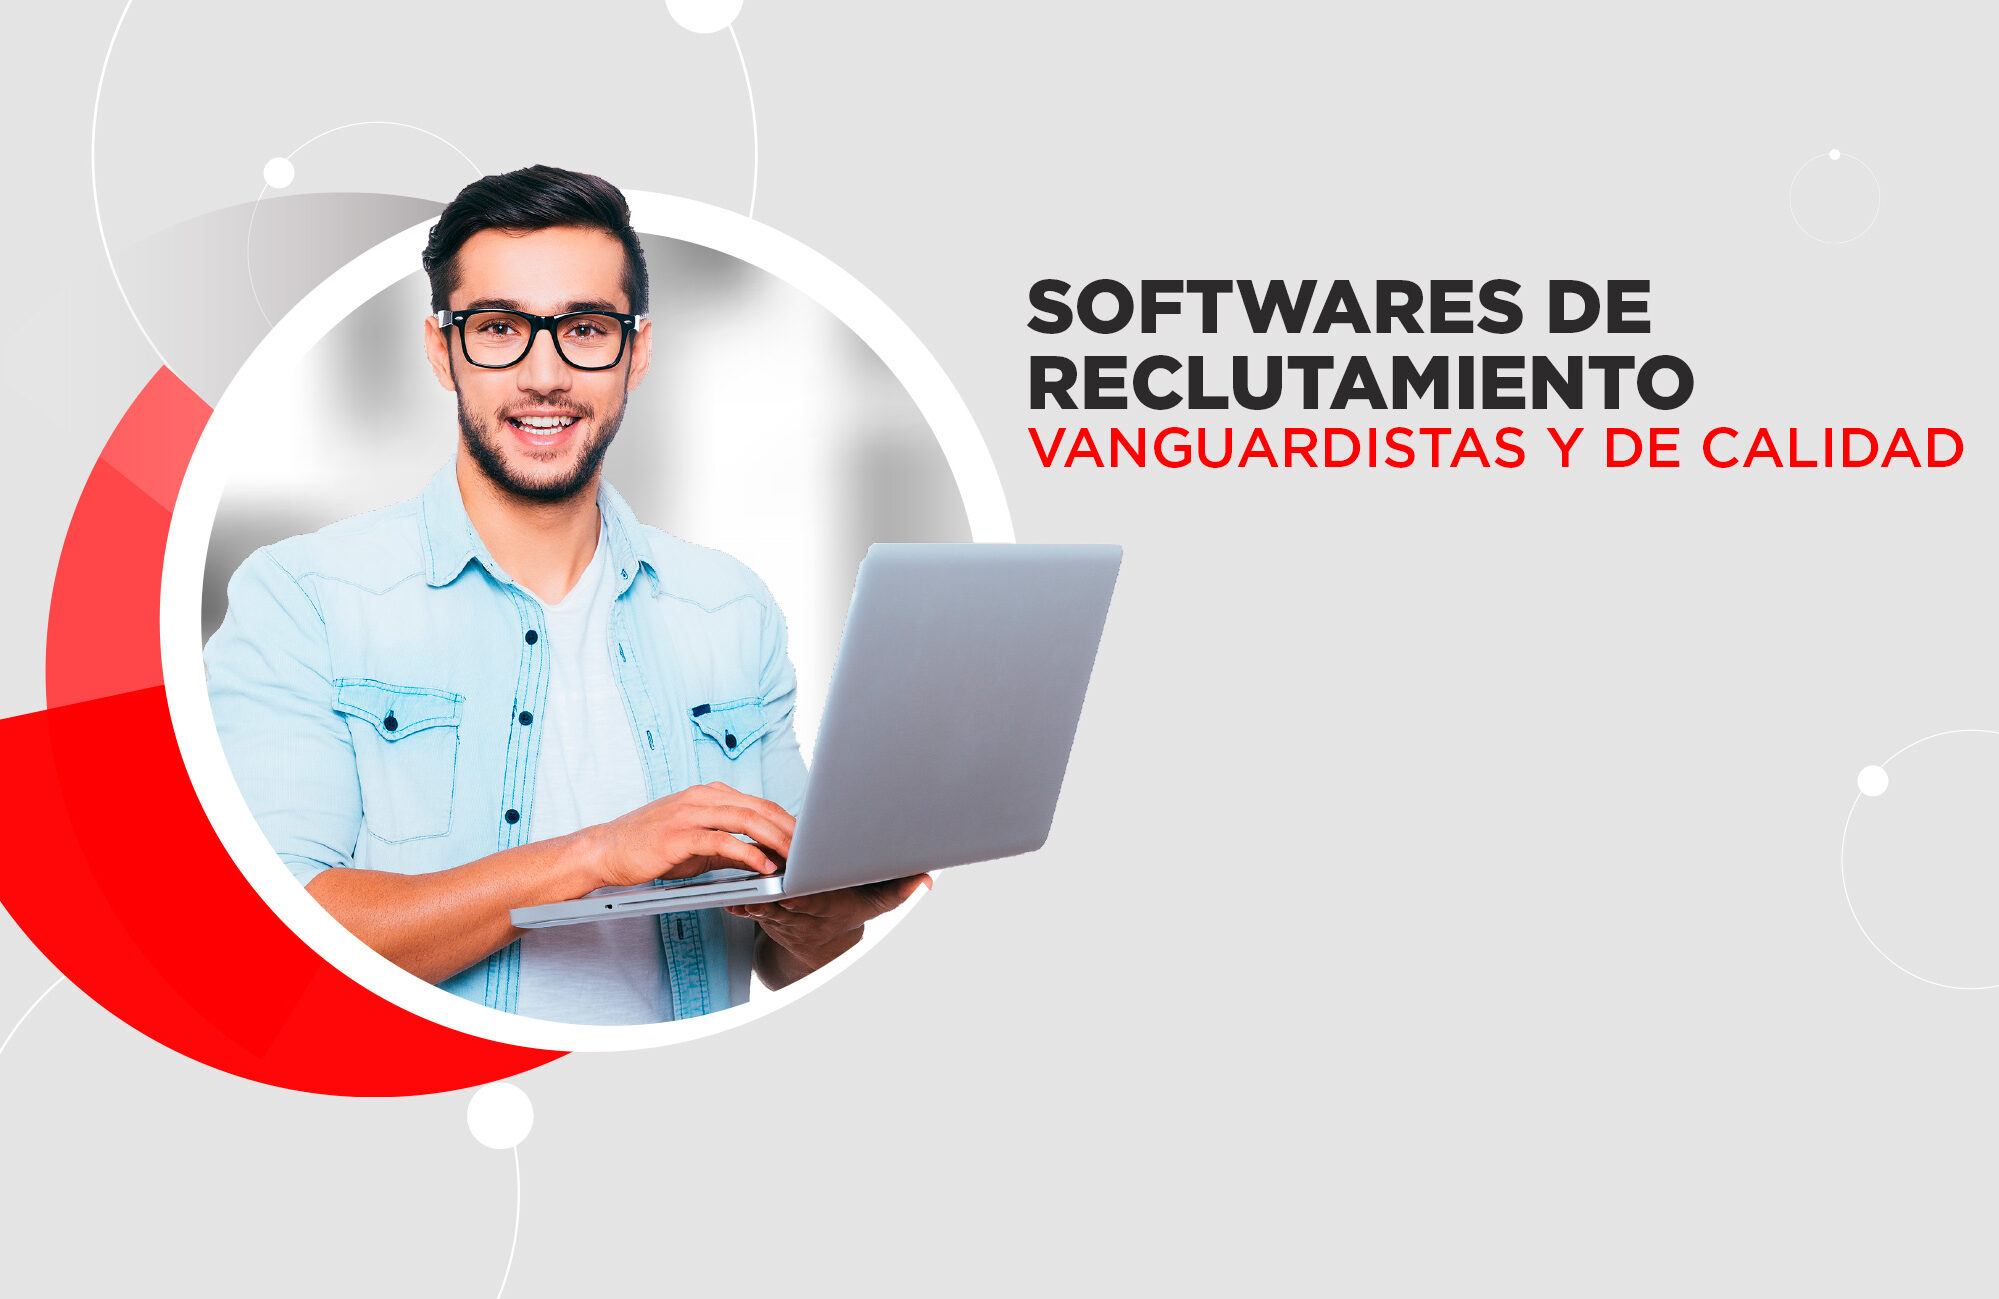 Softwares-de-reclutamiento-de-Grupo-DIT